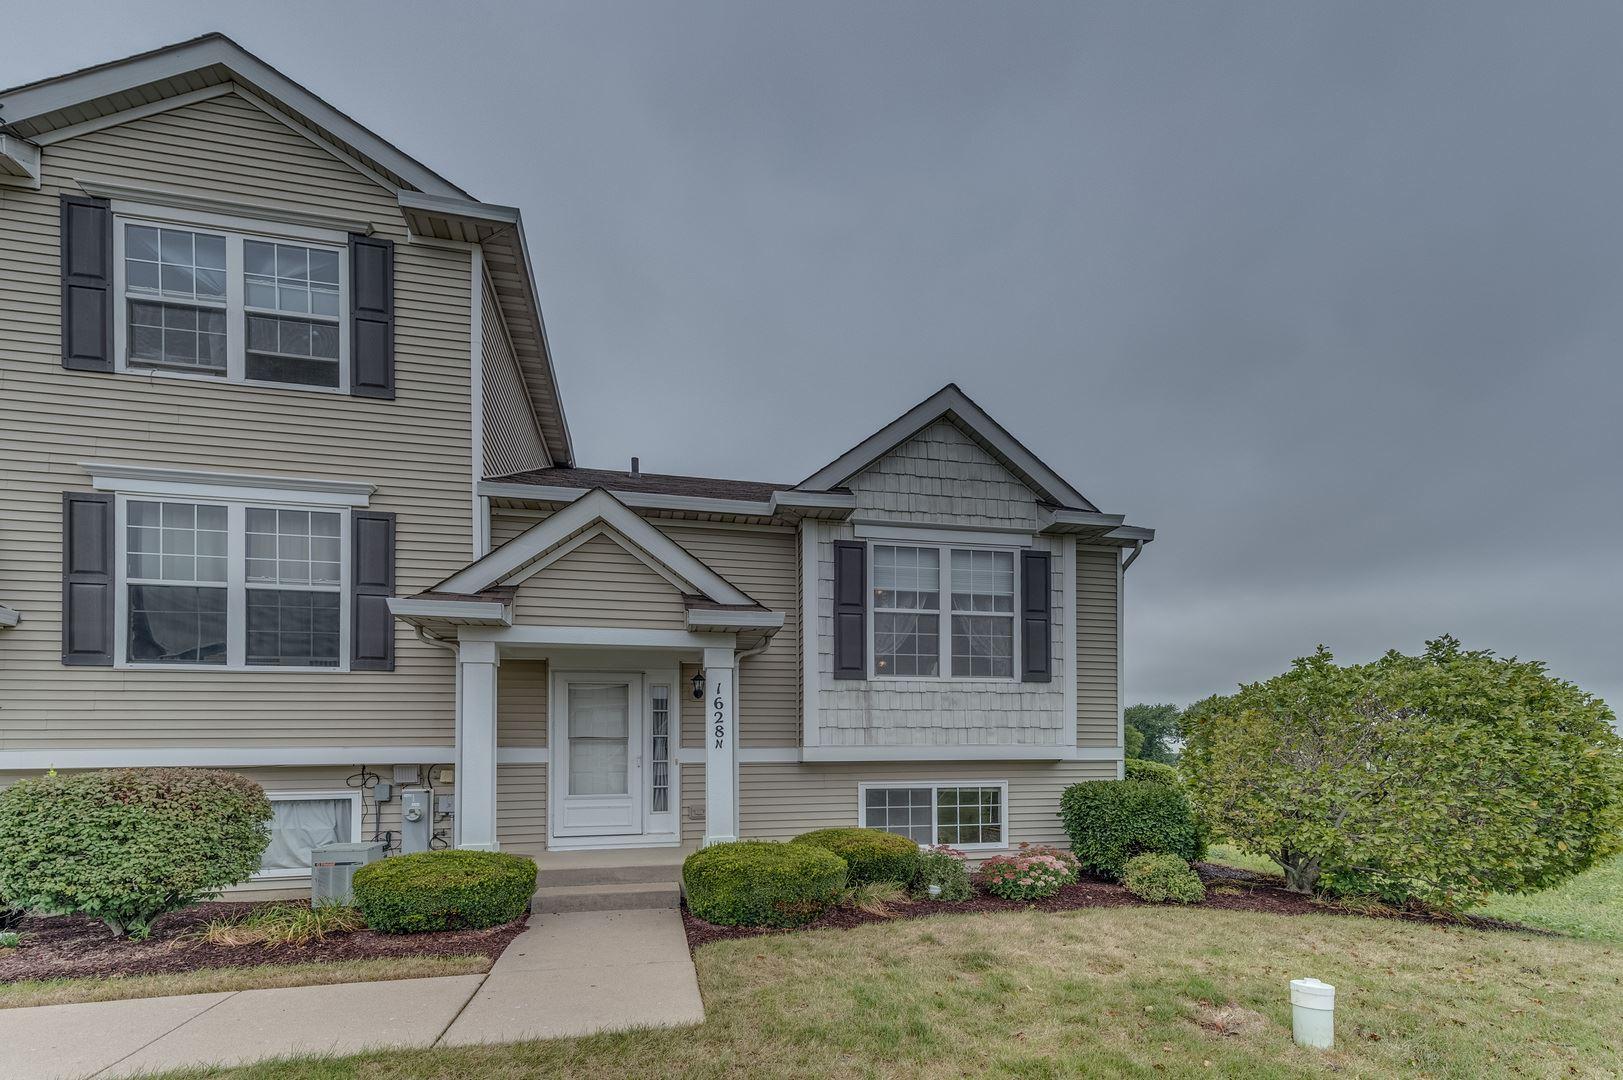 Photo of 1628 Fieldstone Drive N, Shorewood, IL 60404 (MLS # 10858428)